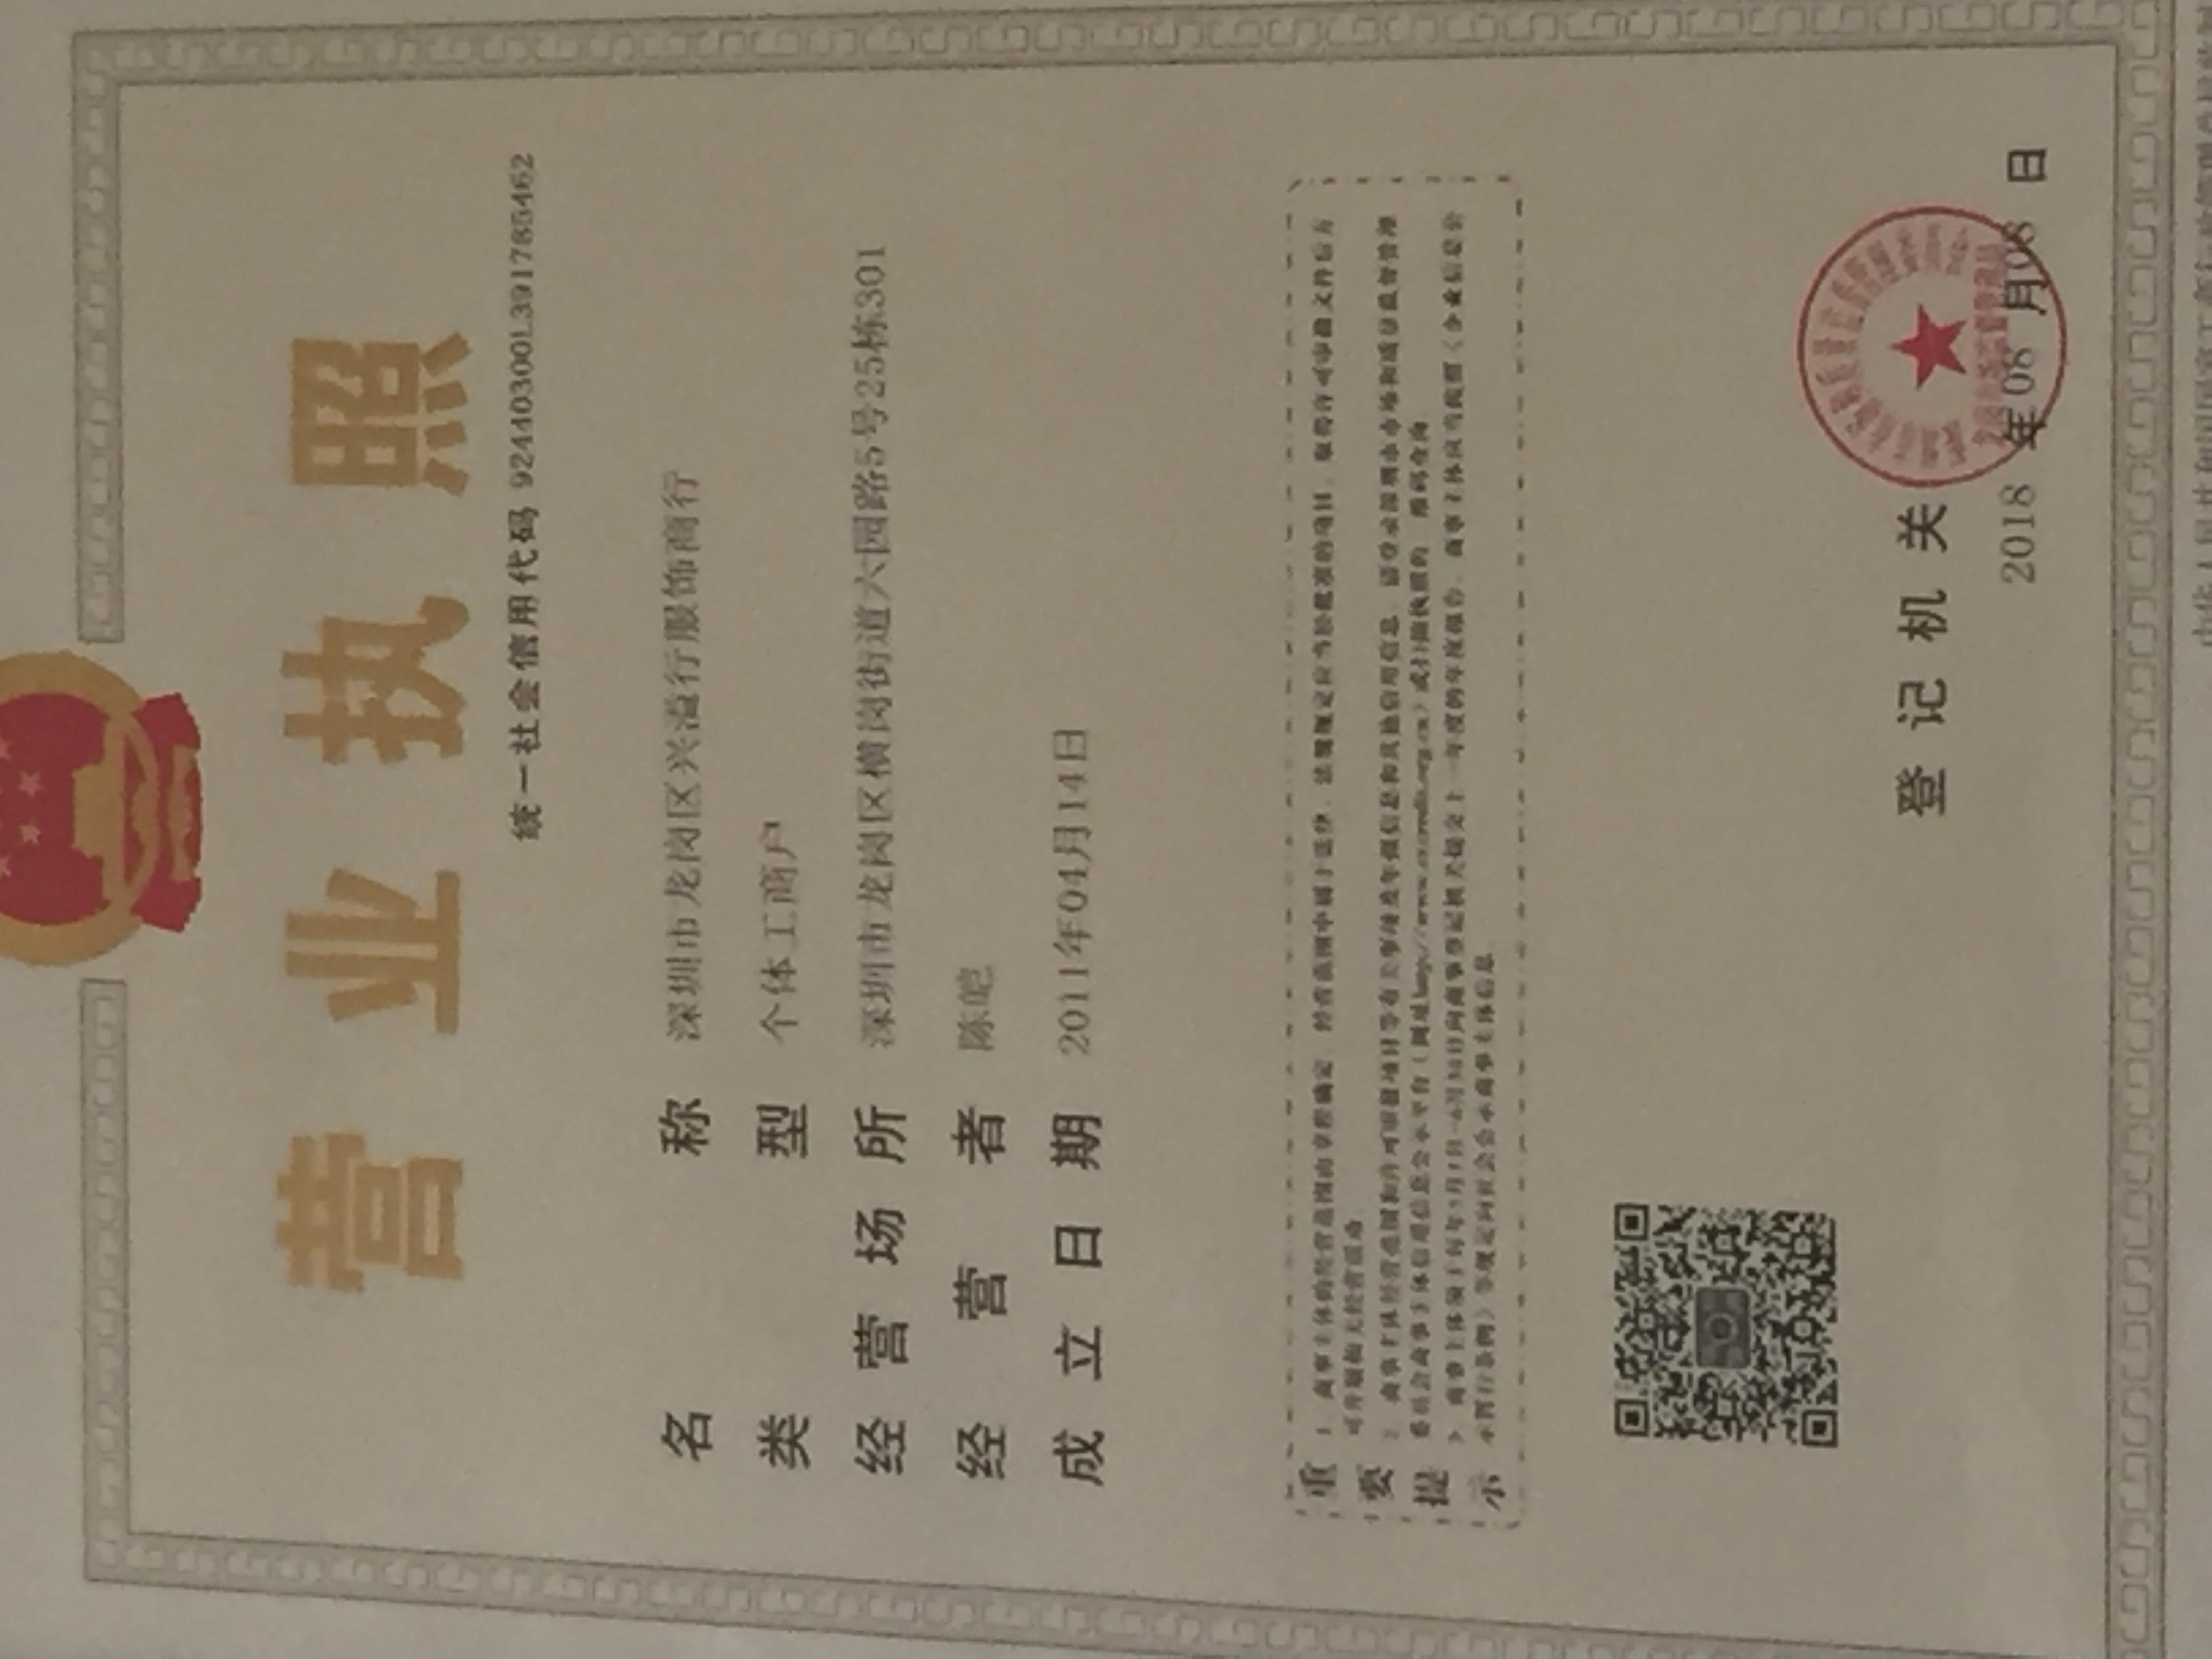 深圳市龙岗区兴溢行服饰商行企业档案